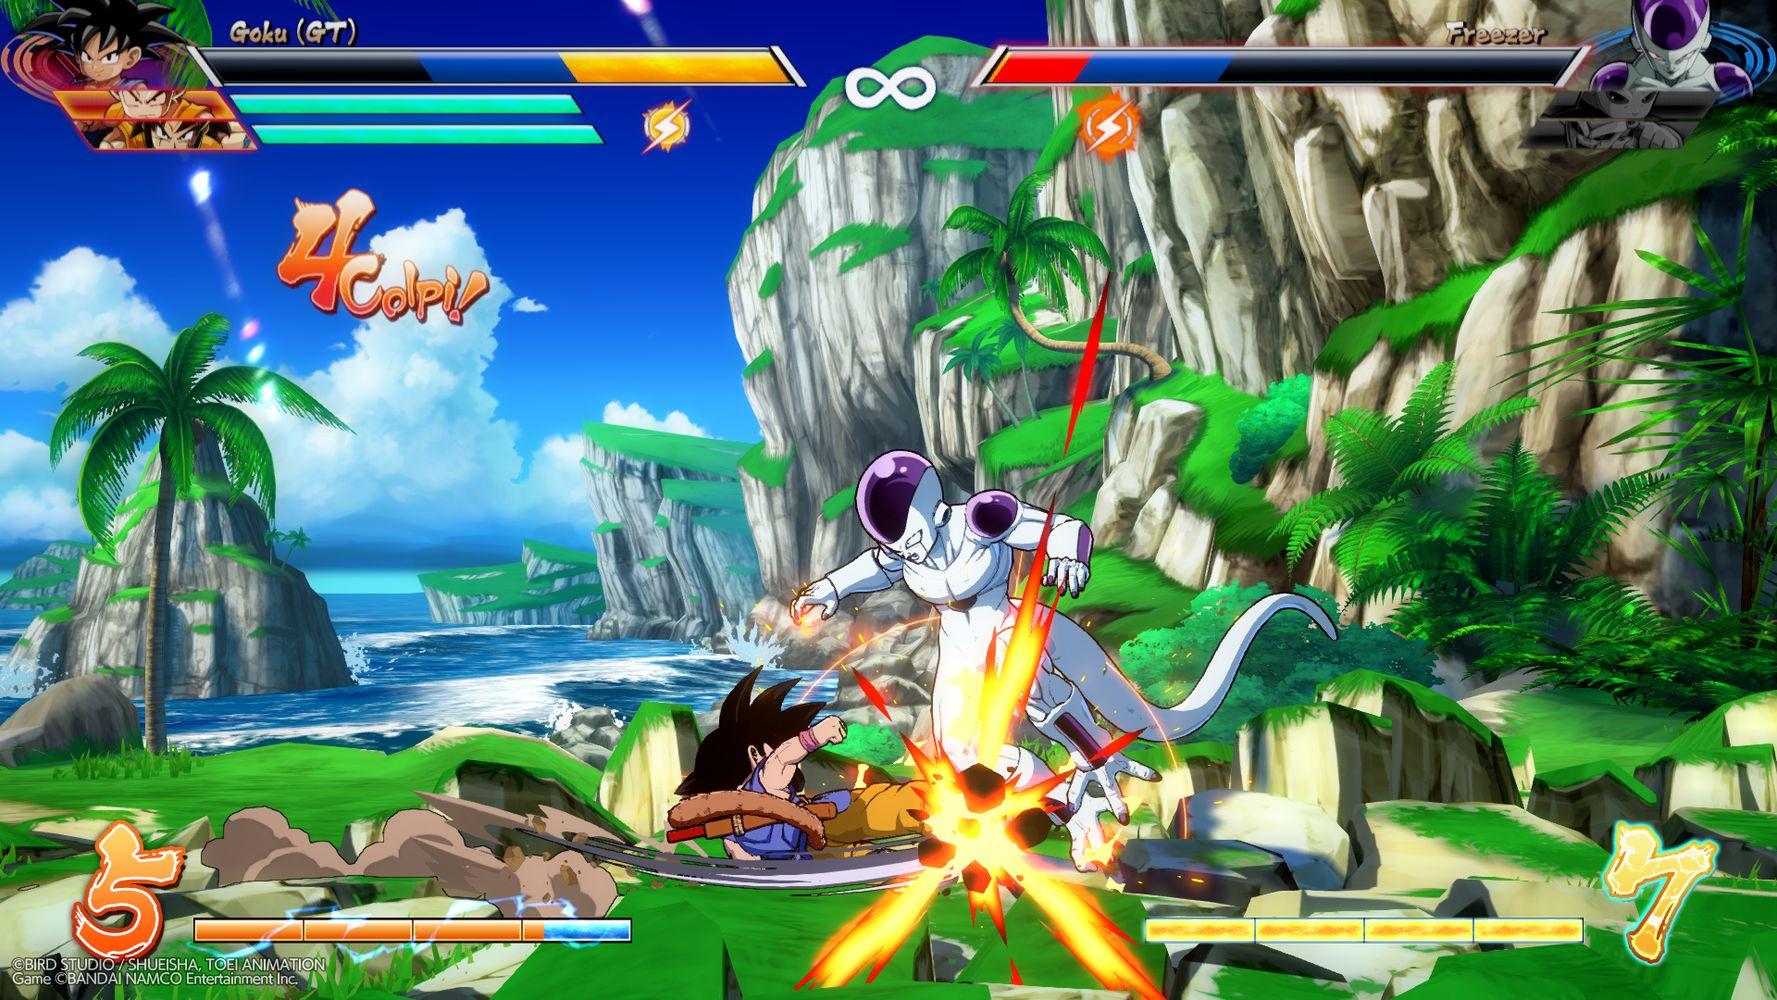 dragon ball fighterz goku gt anteprima dlc screenshot 05